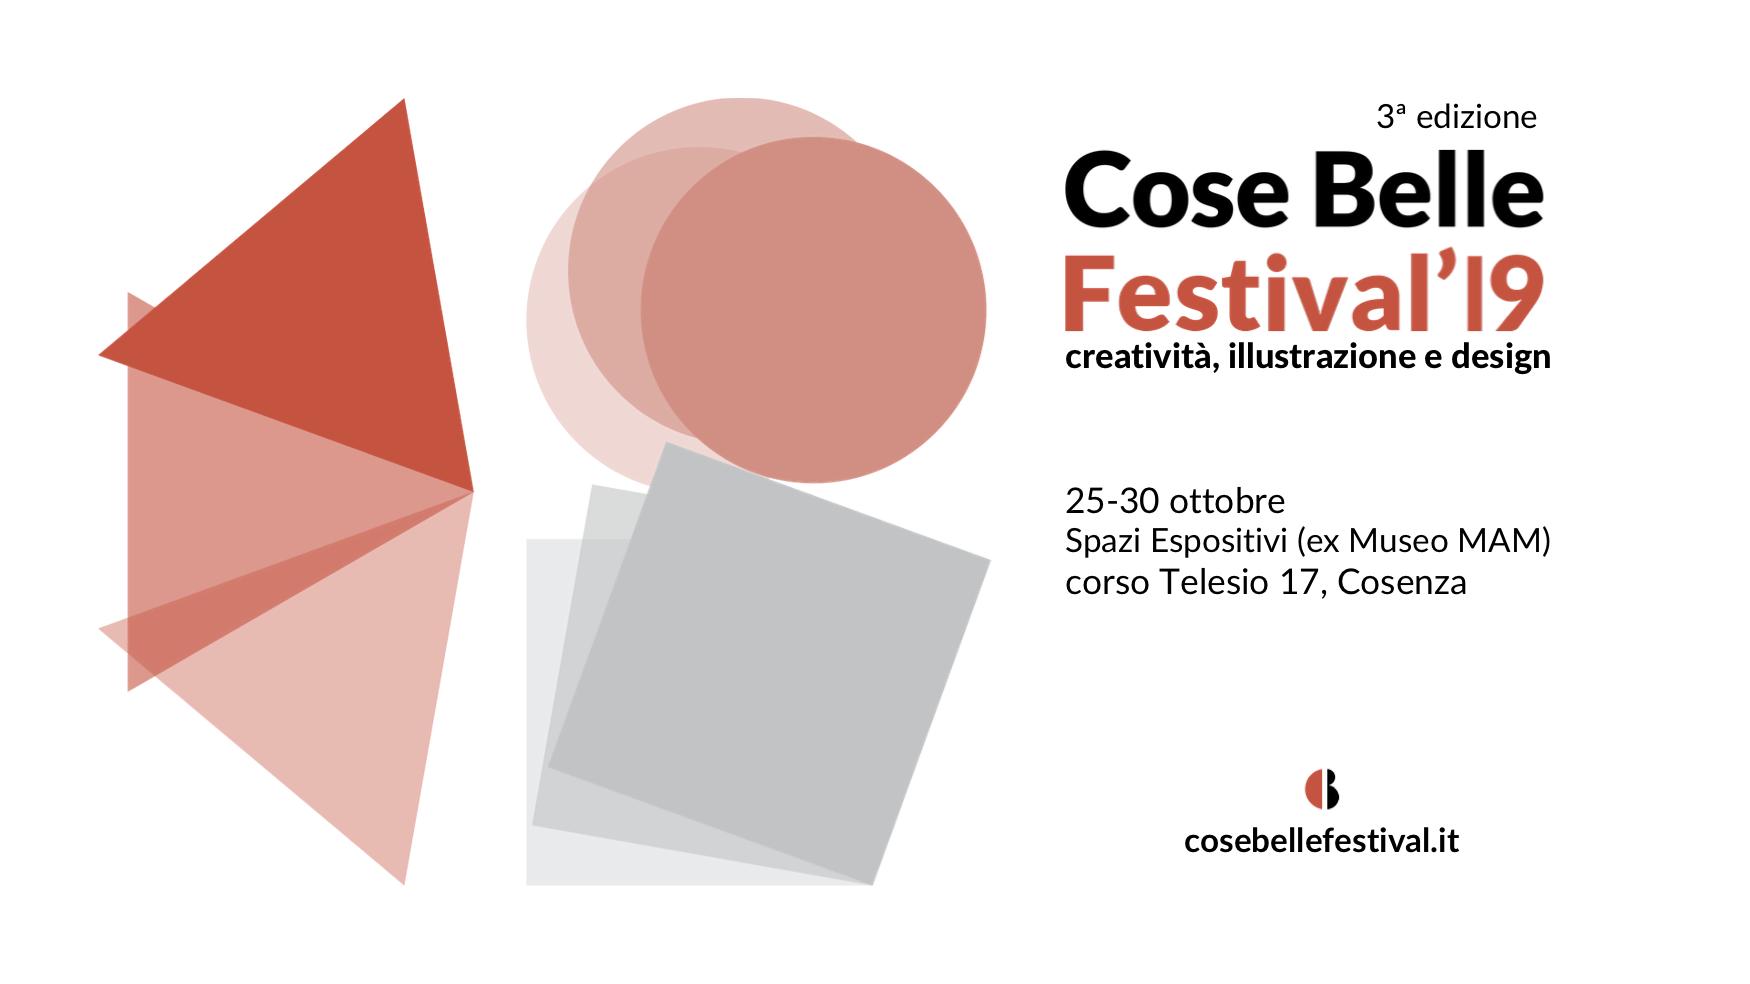 Cose Belle Festival (Cosenza, 25-30 ottobre 2019)